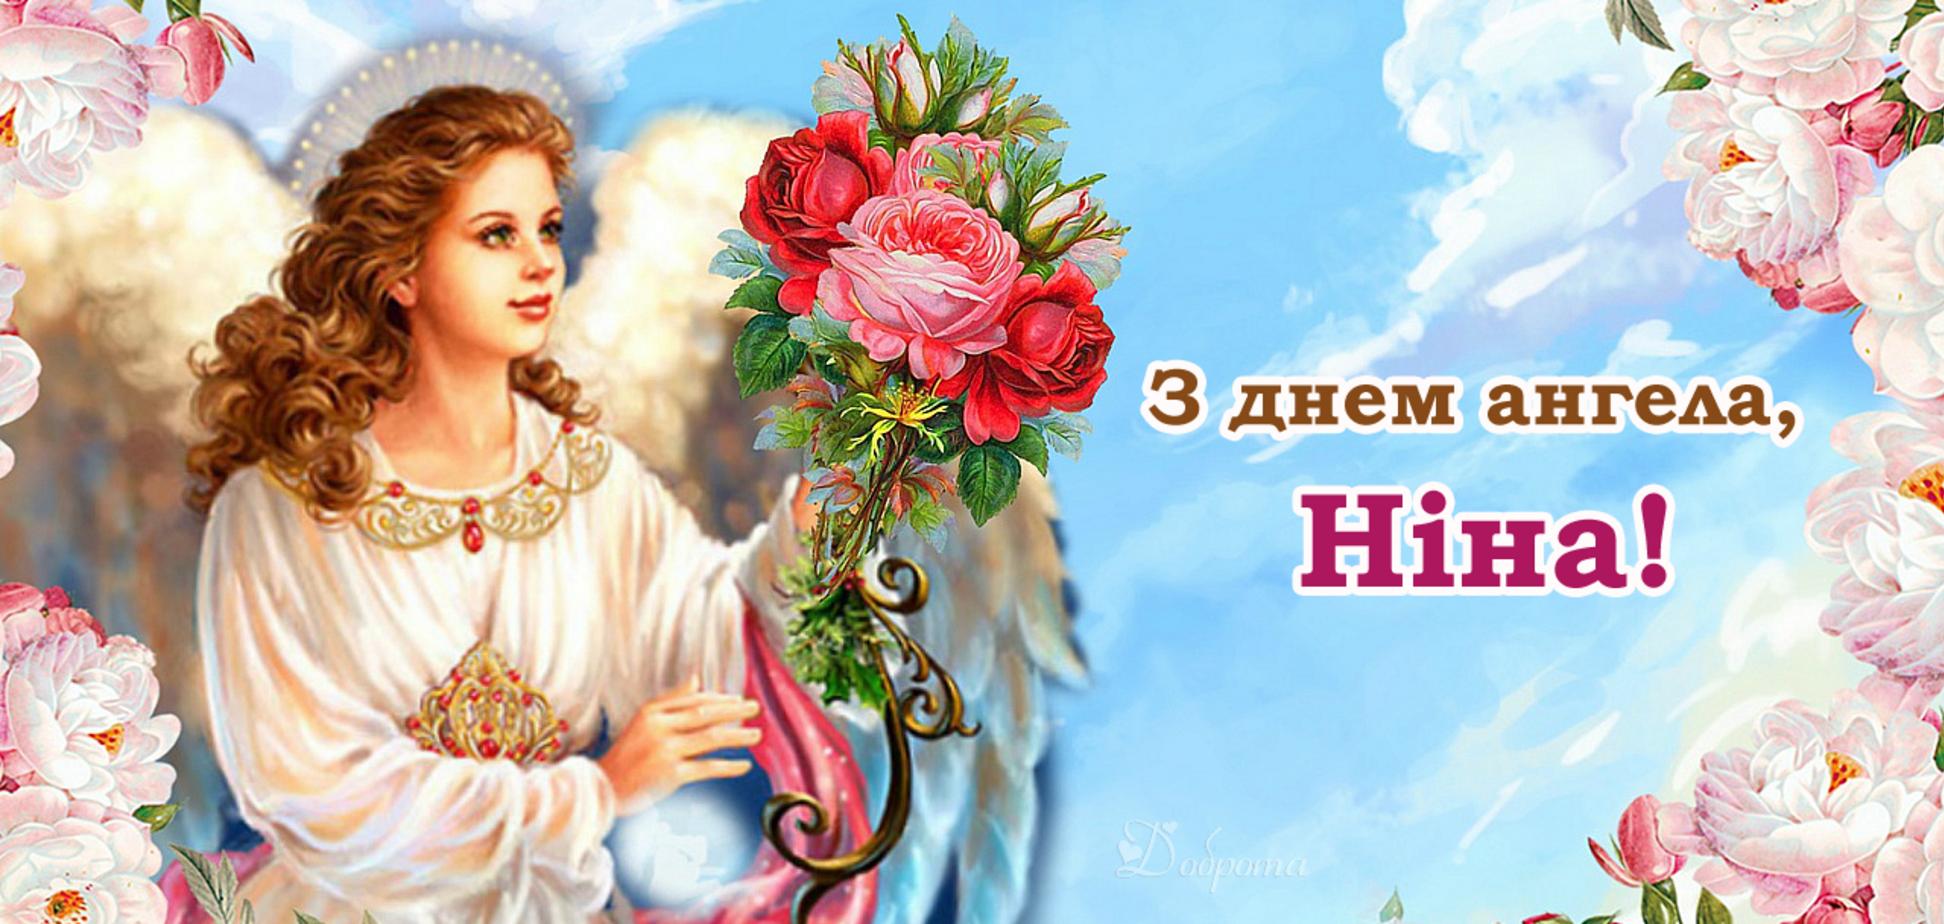 27 января чтят память равноапостольной Нины